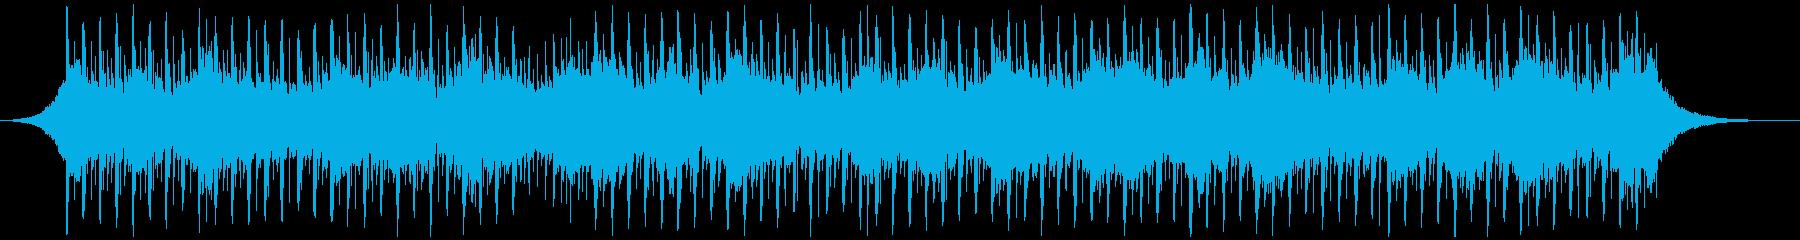 バックグラウンドインタビュー(60秒)の再生済みの波形